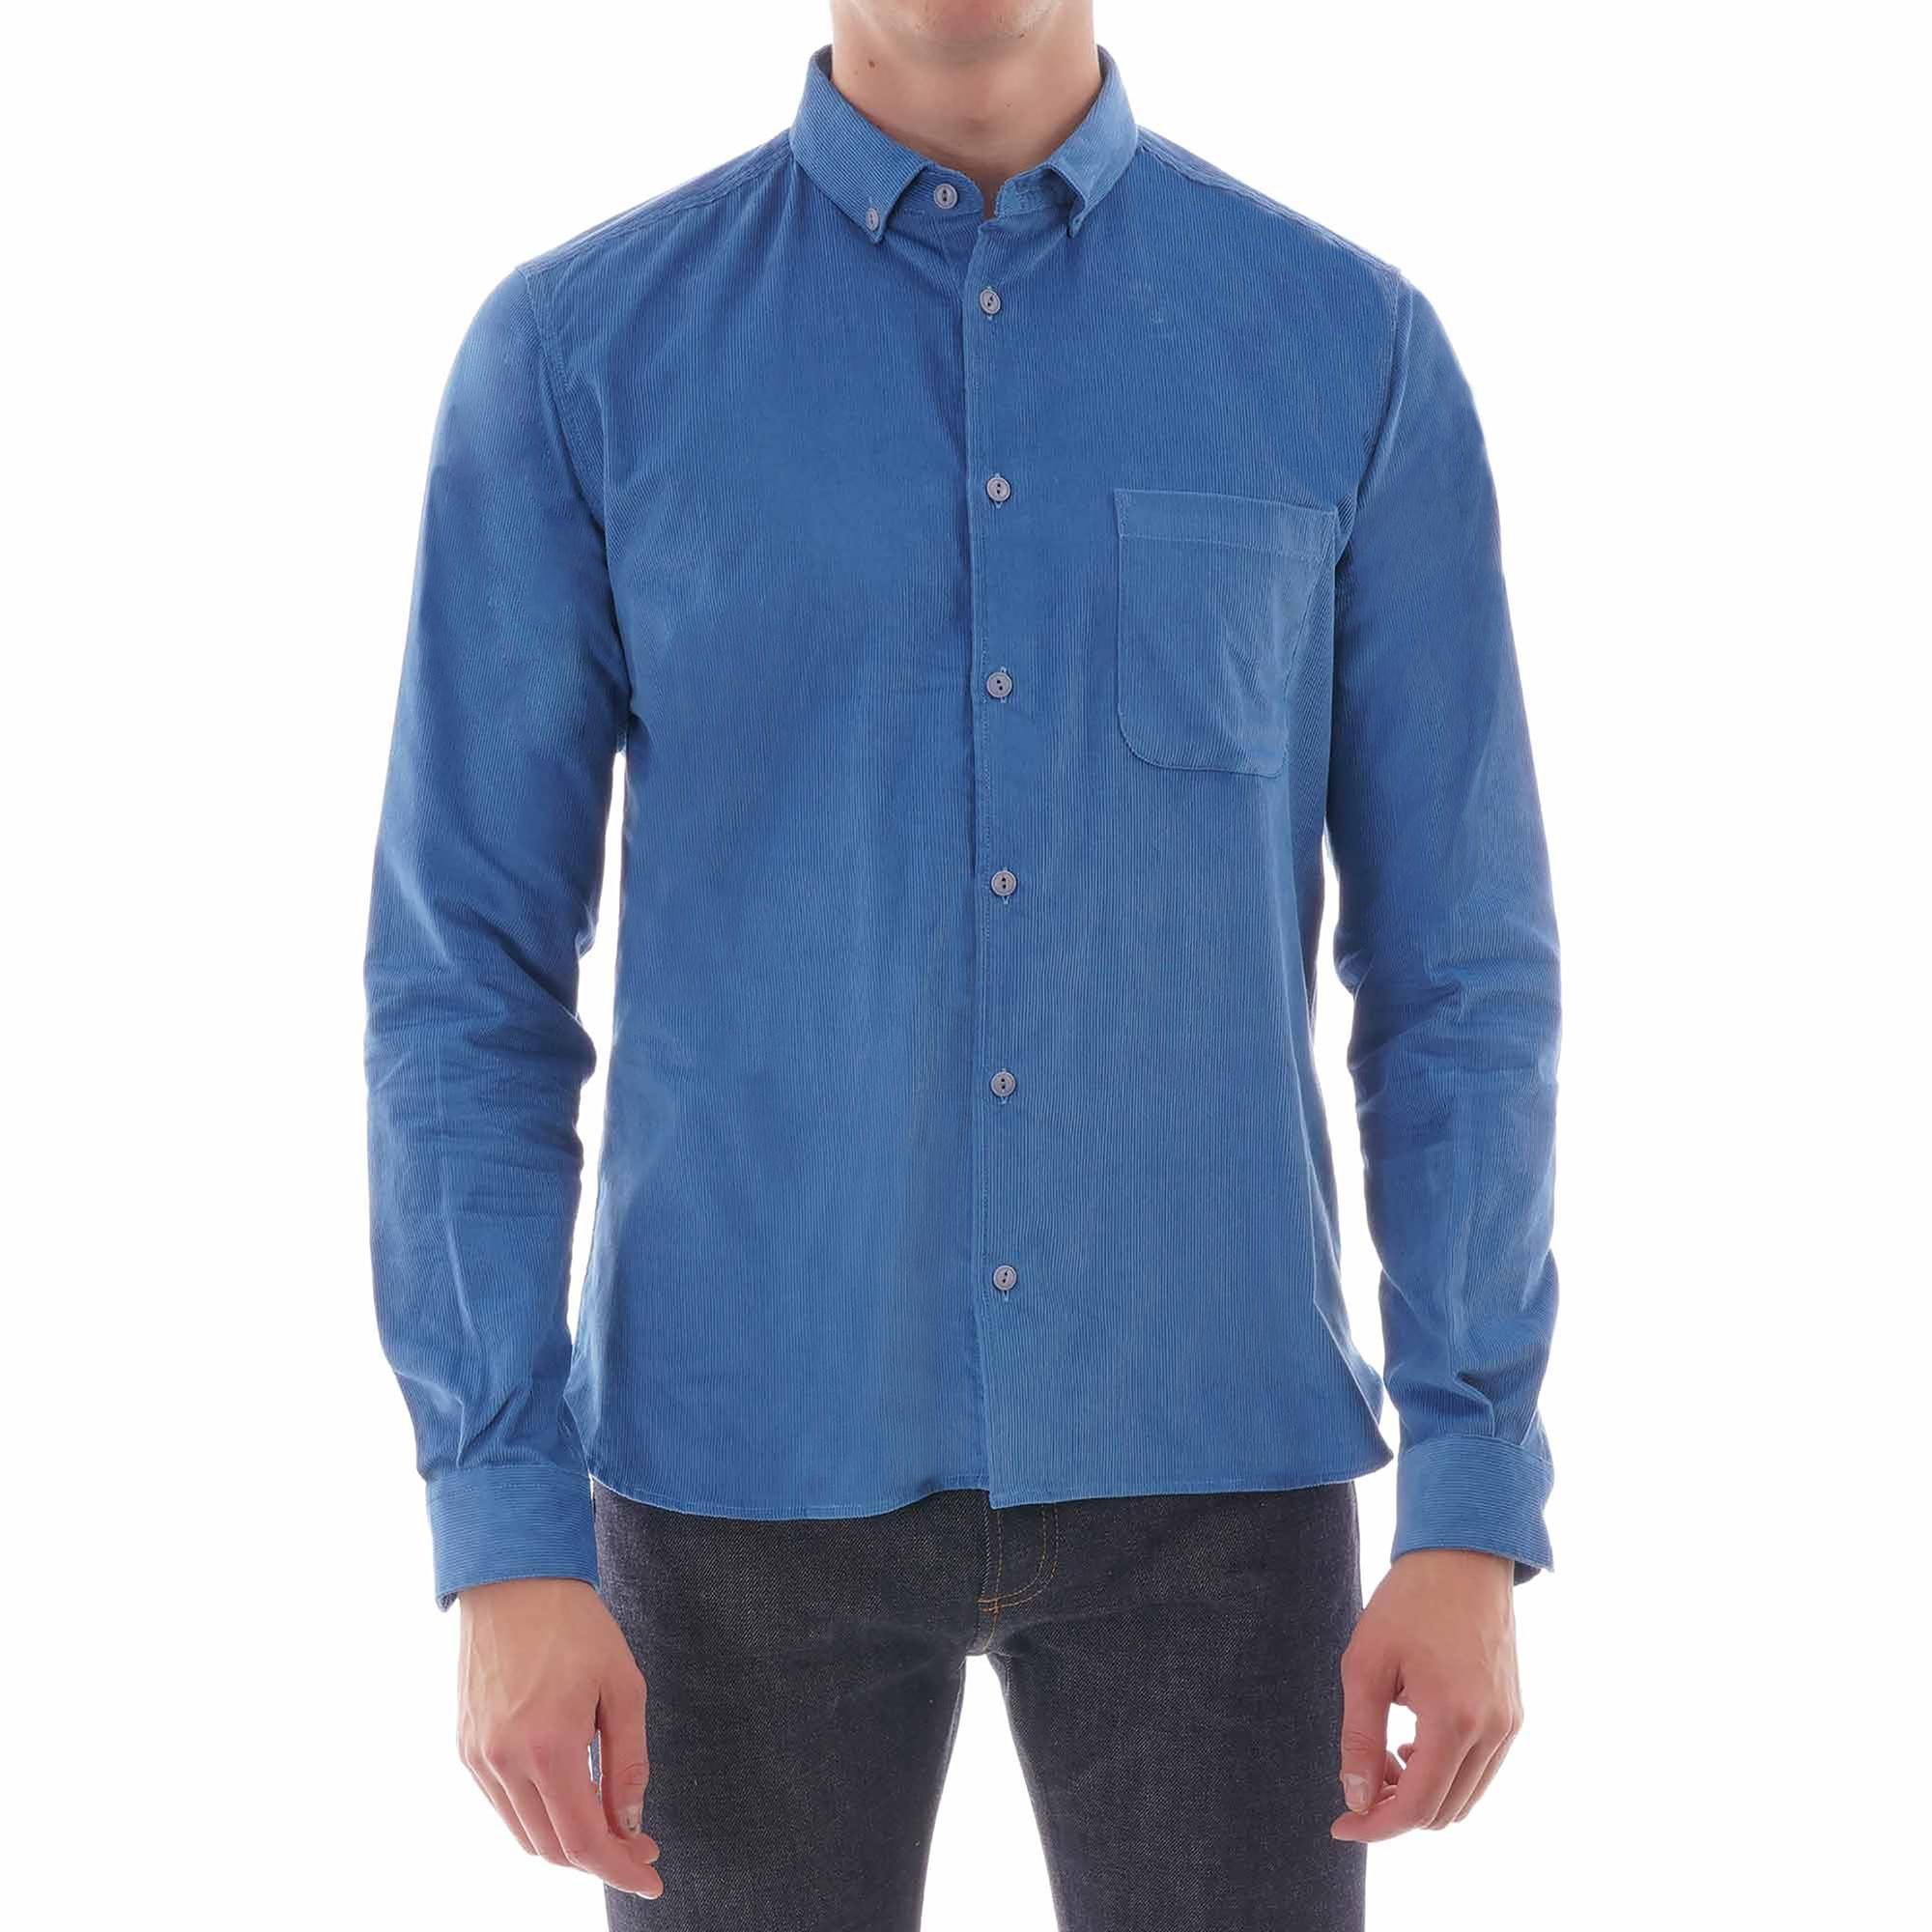 ymc button down dean cord shirt - blue